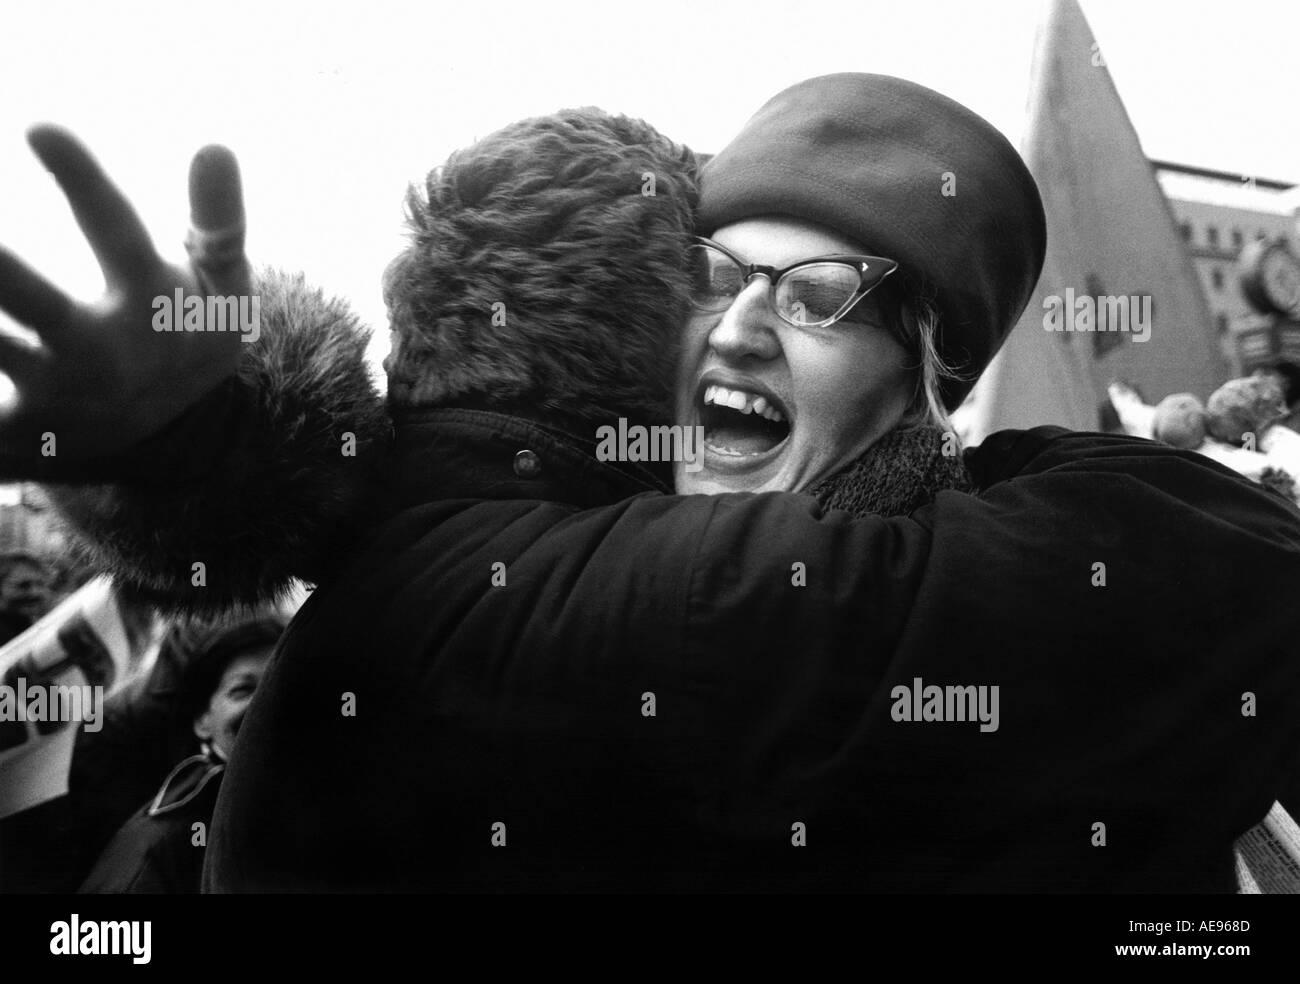 Berlin Allemagne - collègues berlinois embrasser lors d'une manifestation près du mur de Berlin Novembre 1989 Photo Stock